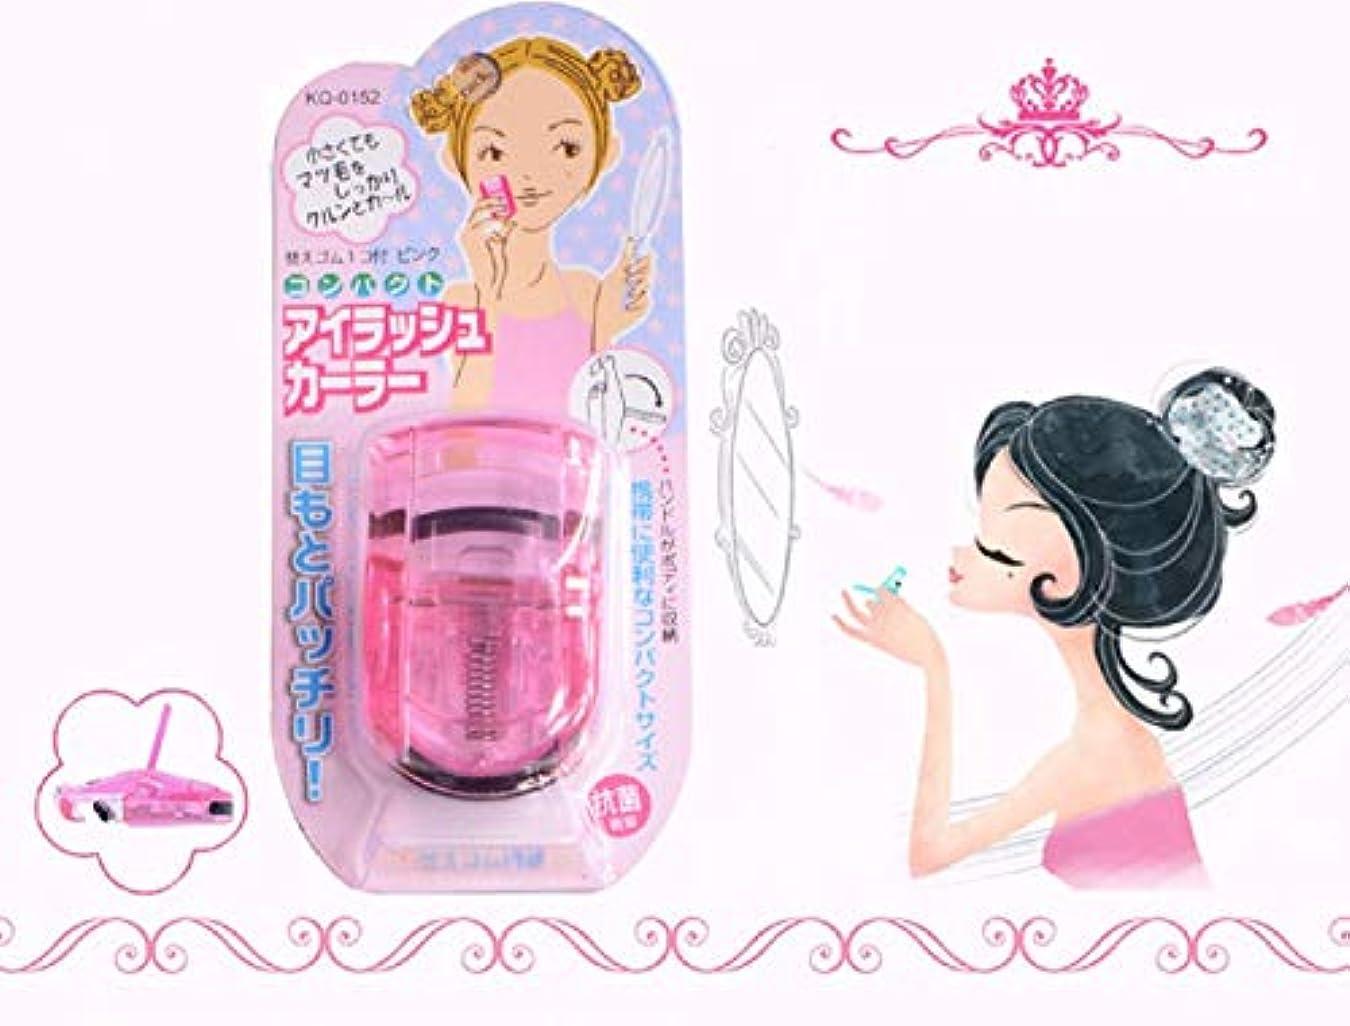 のど虐待マグBATEIN  ビューラー ミニ ポータブル アイラッシュカーラー 替えゴム付き まつげカーラー 携帯便利 ナチュラル アイメイクツール かわいい ピンク